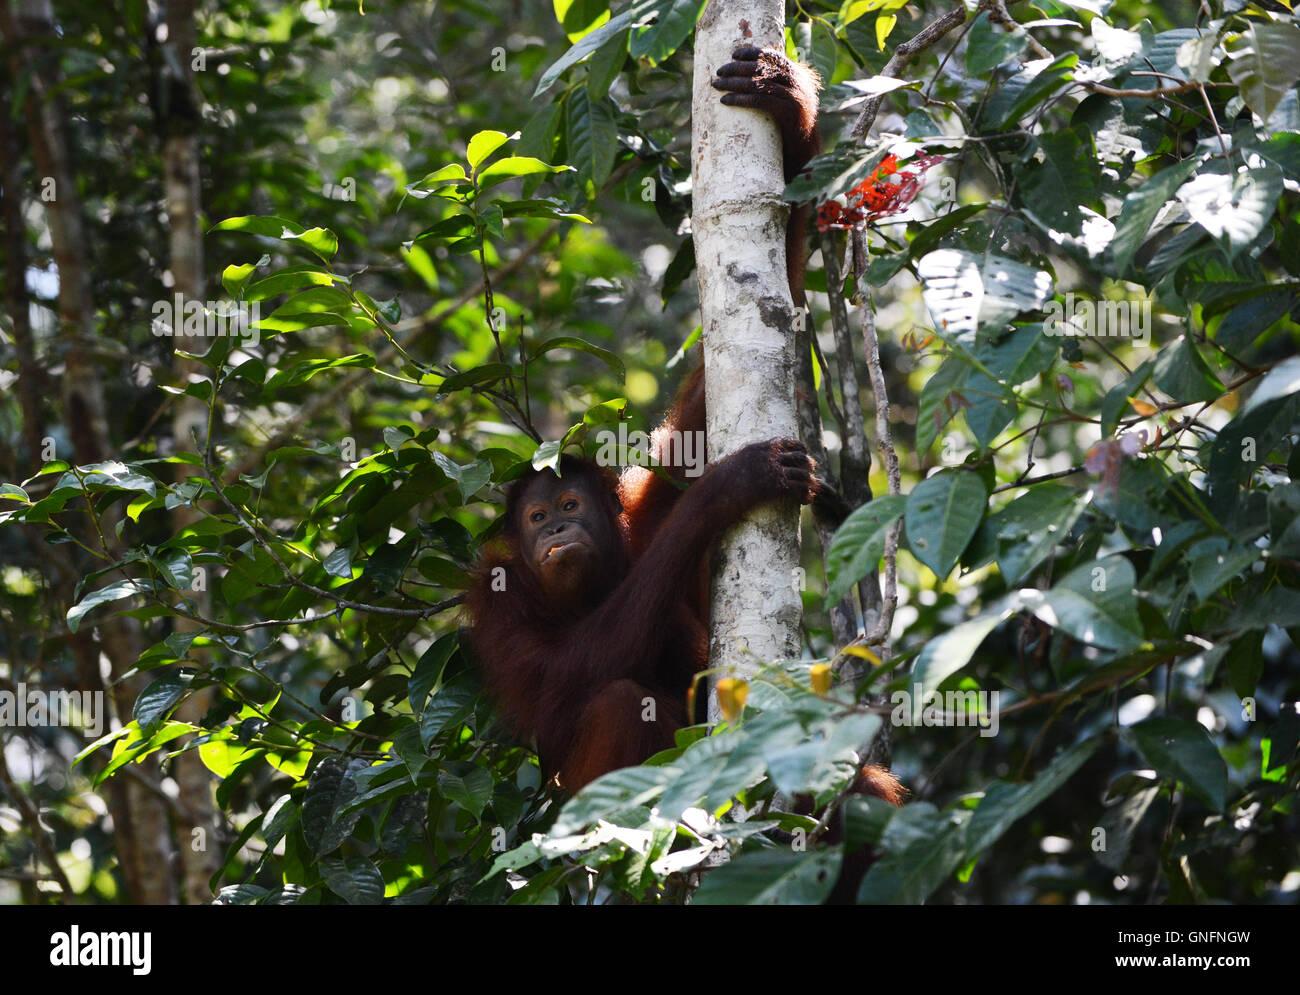 A wild Orangutan in the jungles of Borneo. - Stock Image